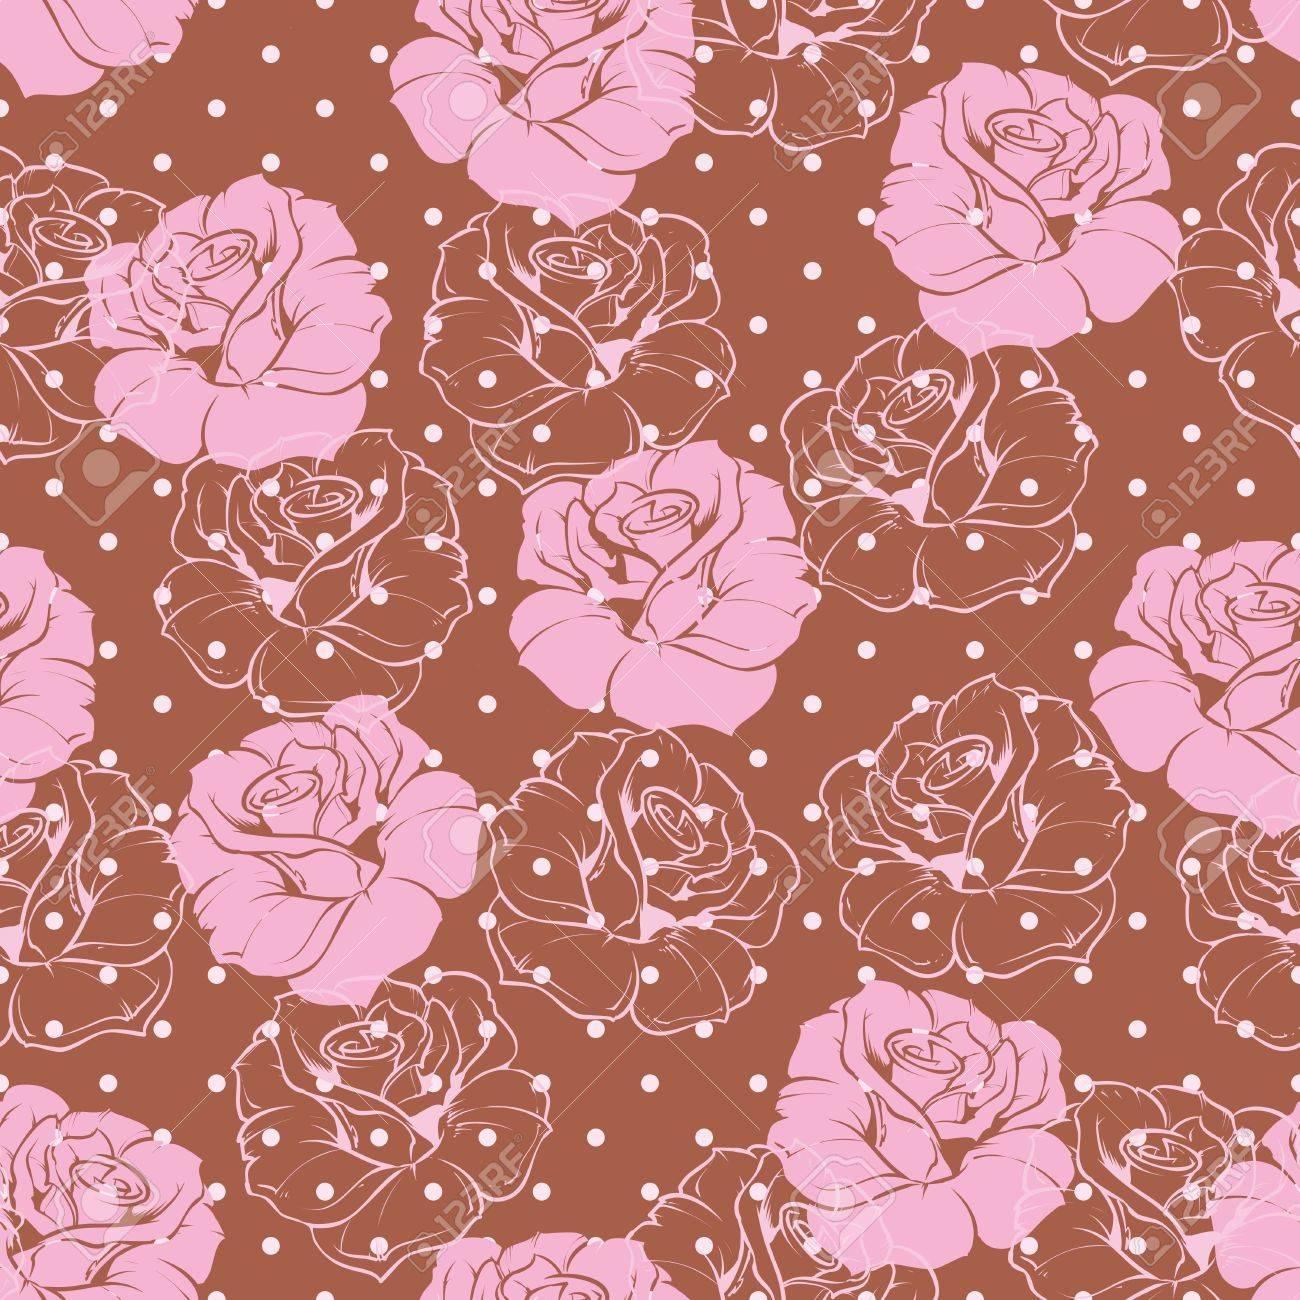 patrn floral vector transparente de azulejos rosa elegante del rosa de fondo hermosa textura abstracta con